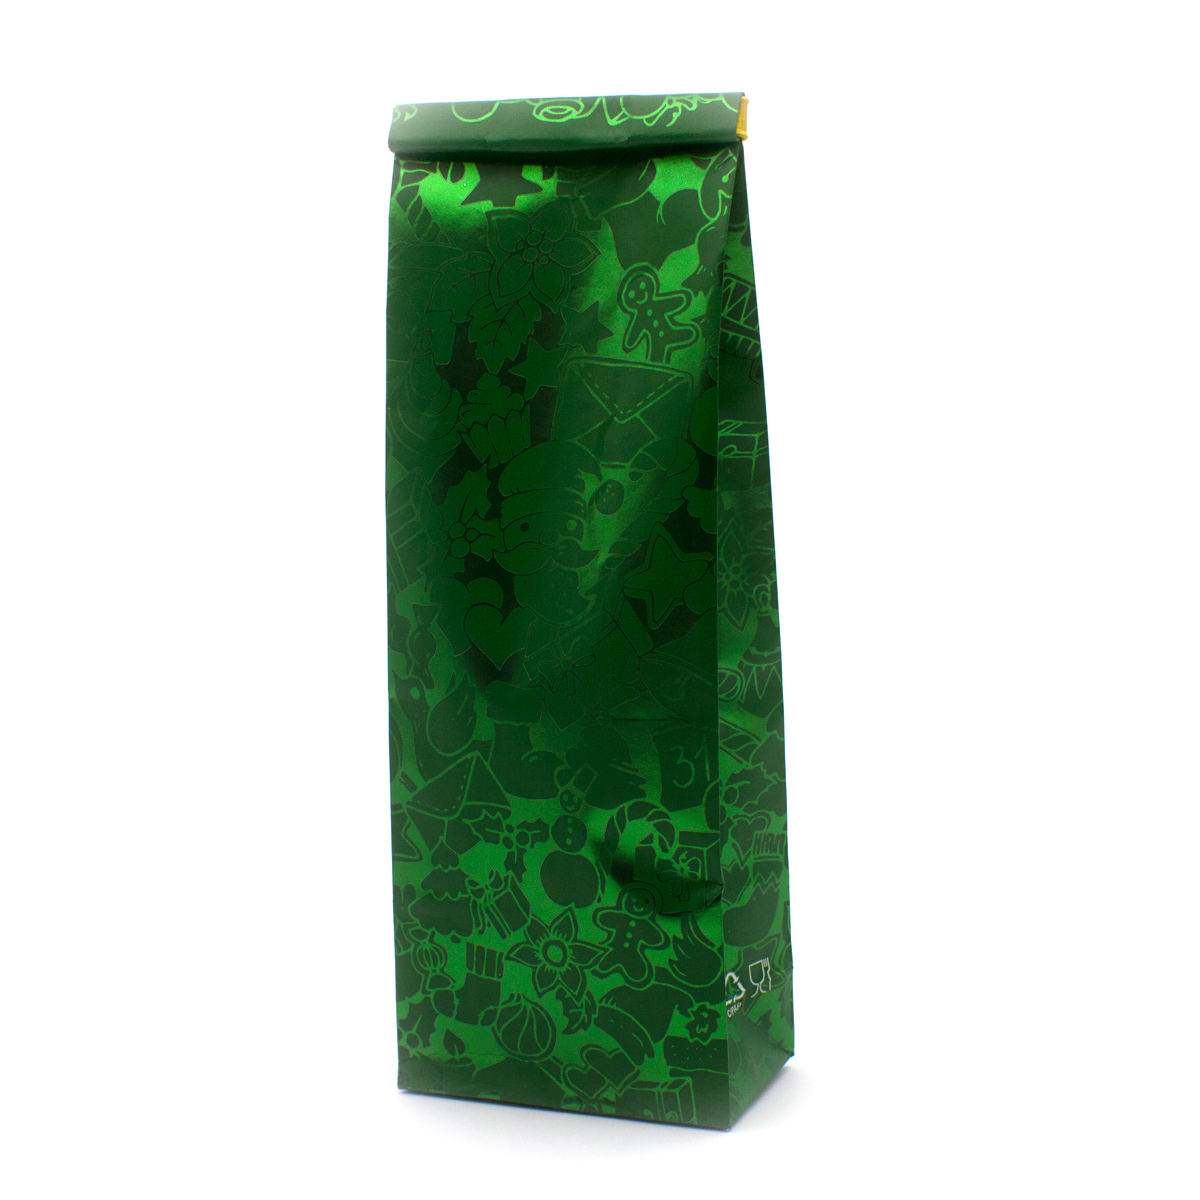 Пакет для чая 100 гр Новый год (20,5 х 7 см)